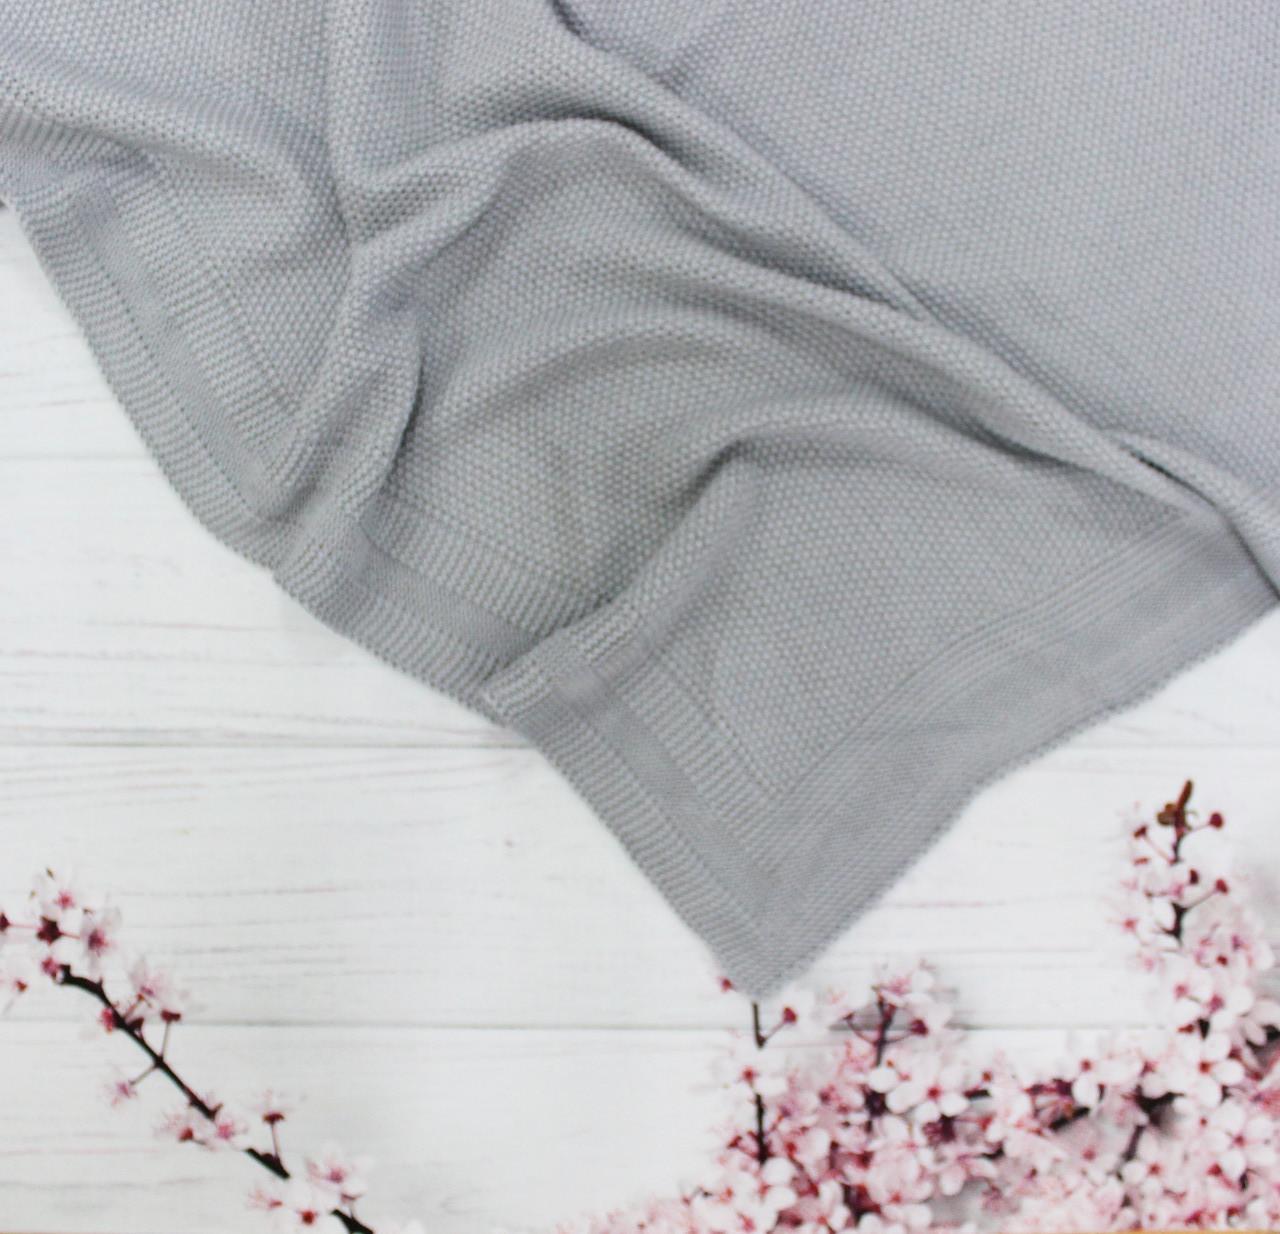 Плед вязанный гладкий цвет серый 95*75 см (90% хлопок, 10% акрил)